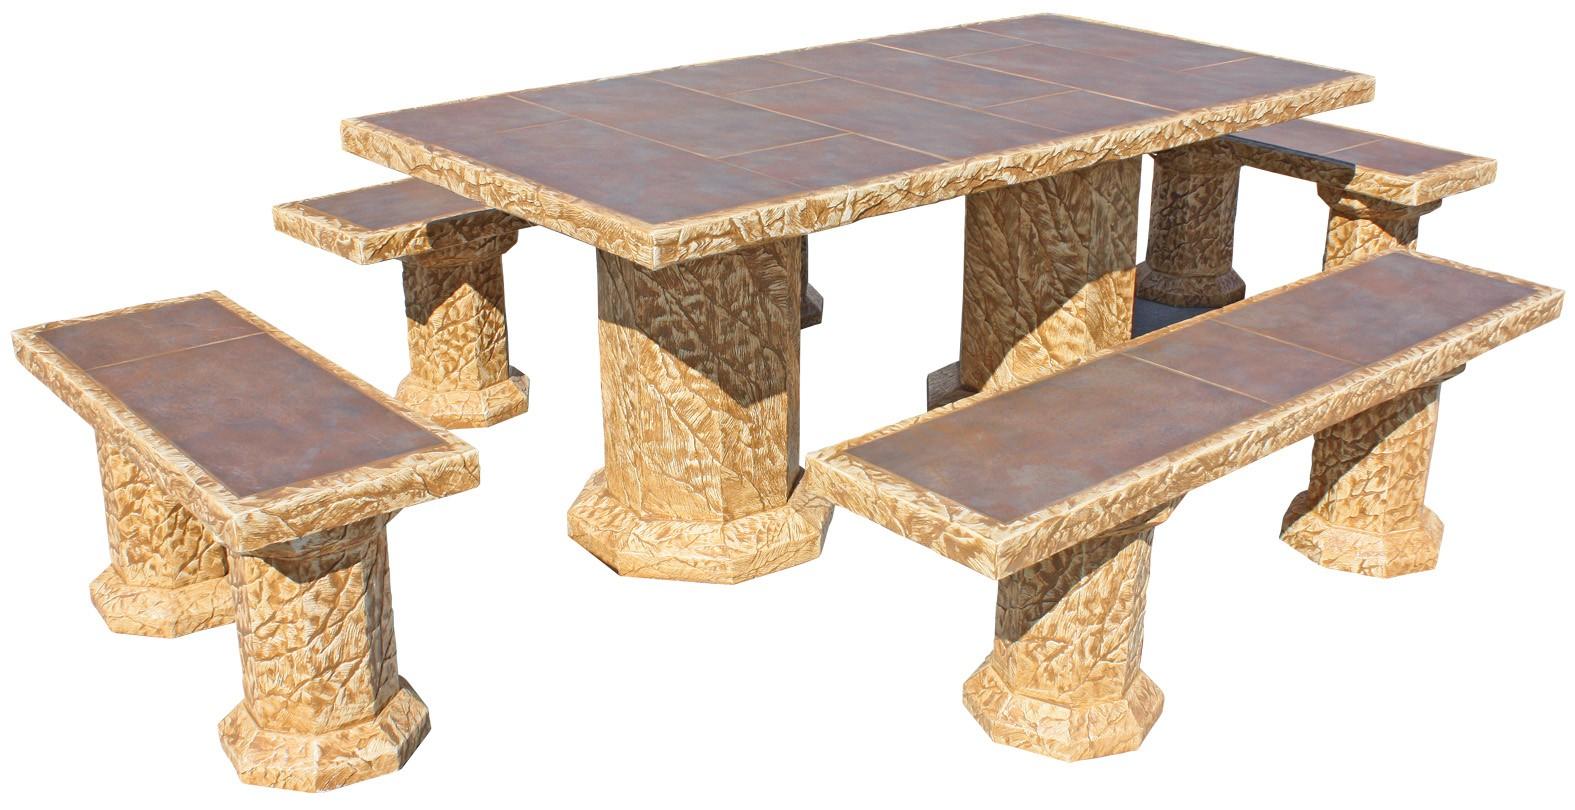 Mesa boavista con azulejos y 4 bancos sin respaldo zinc for Bancos de granito para jardin